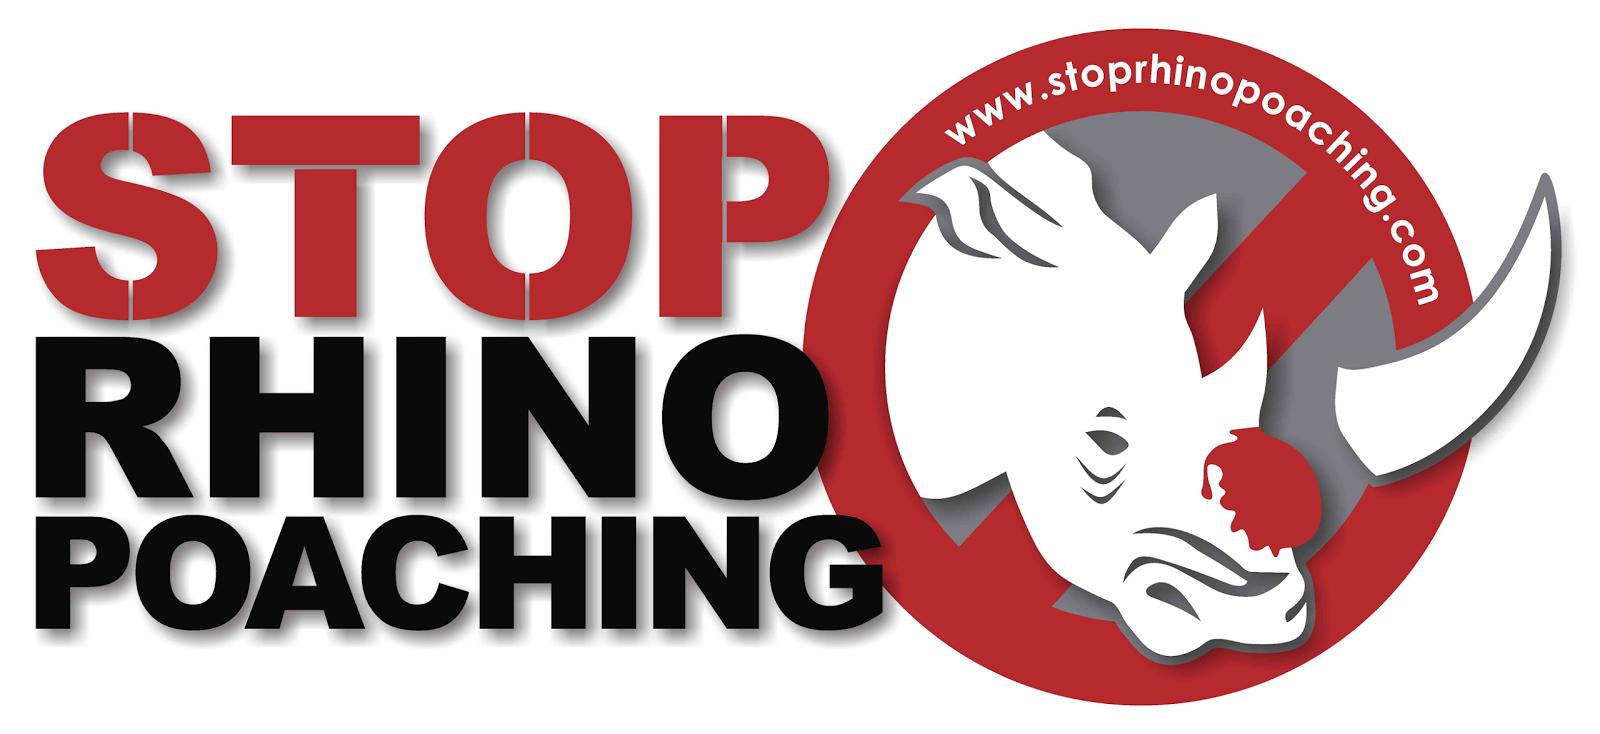 www.stoprhinopoaching.com